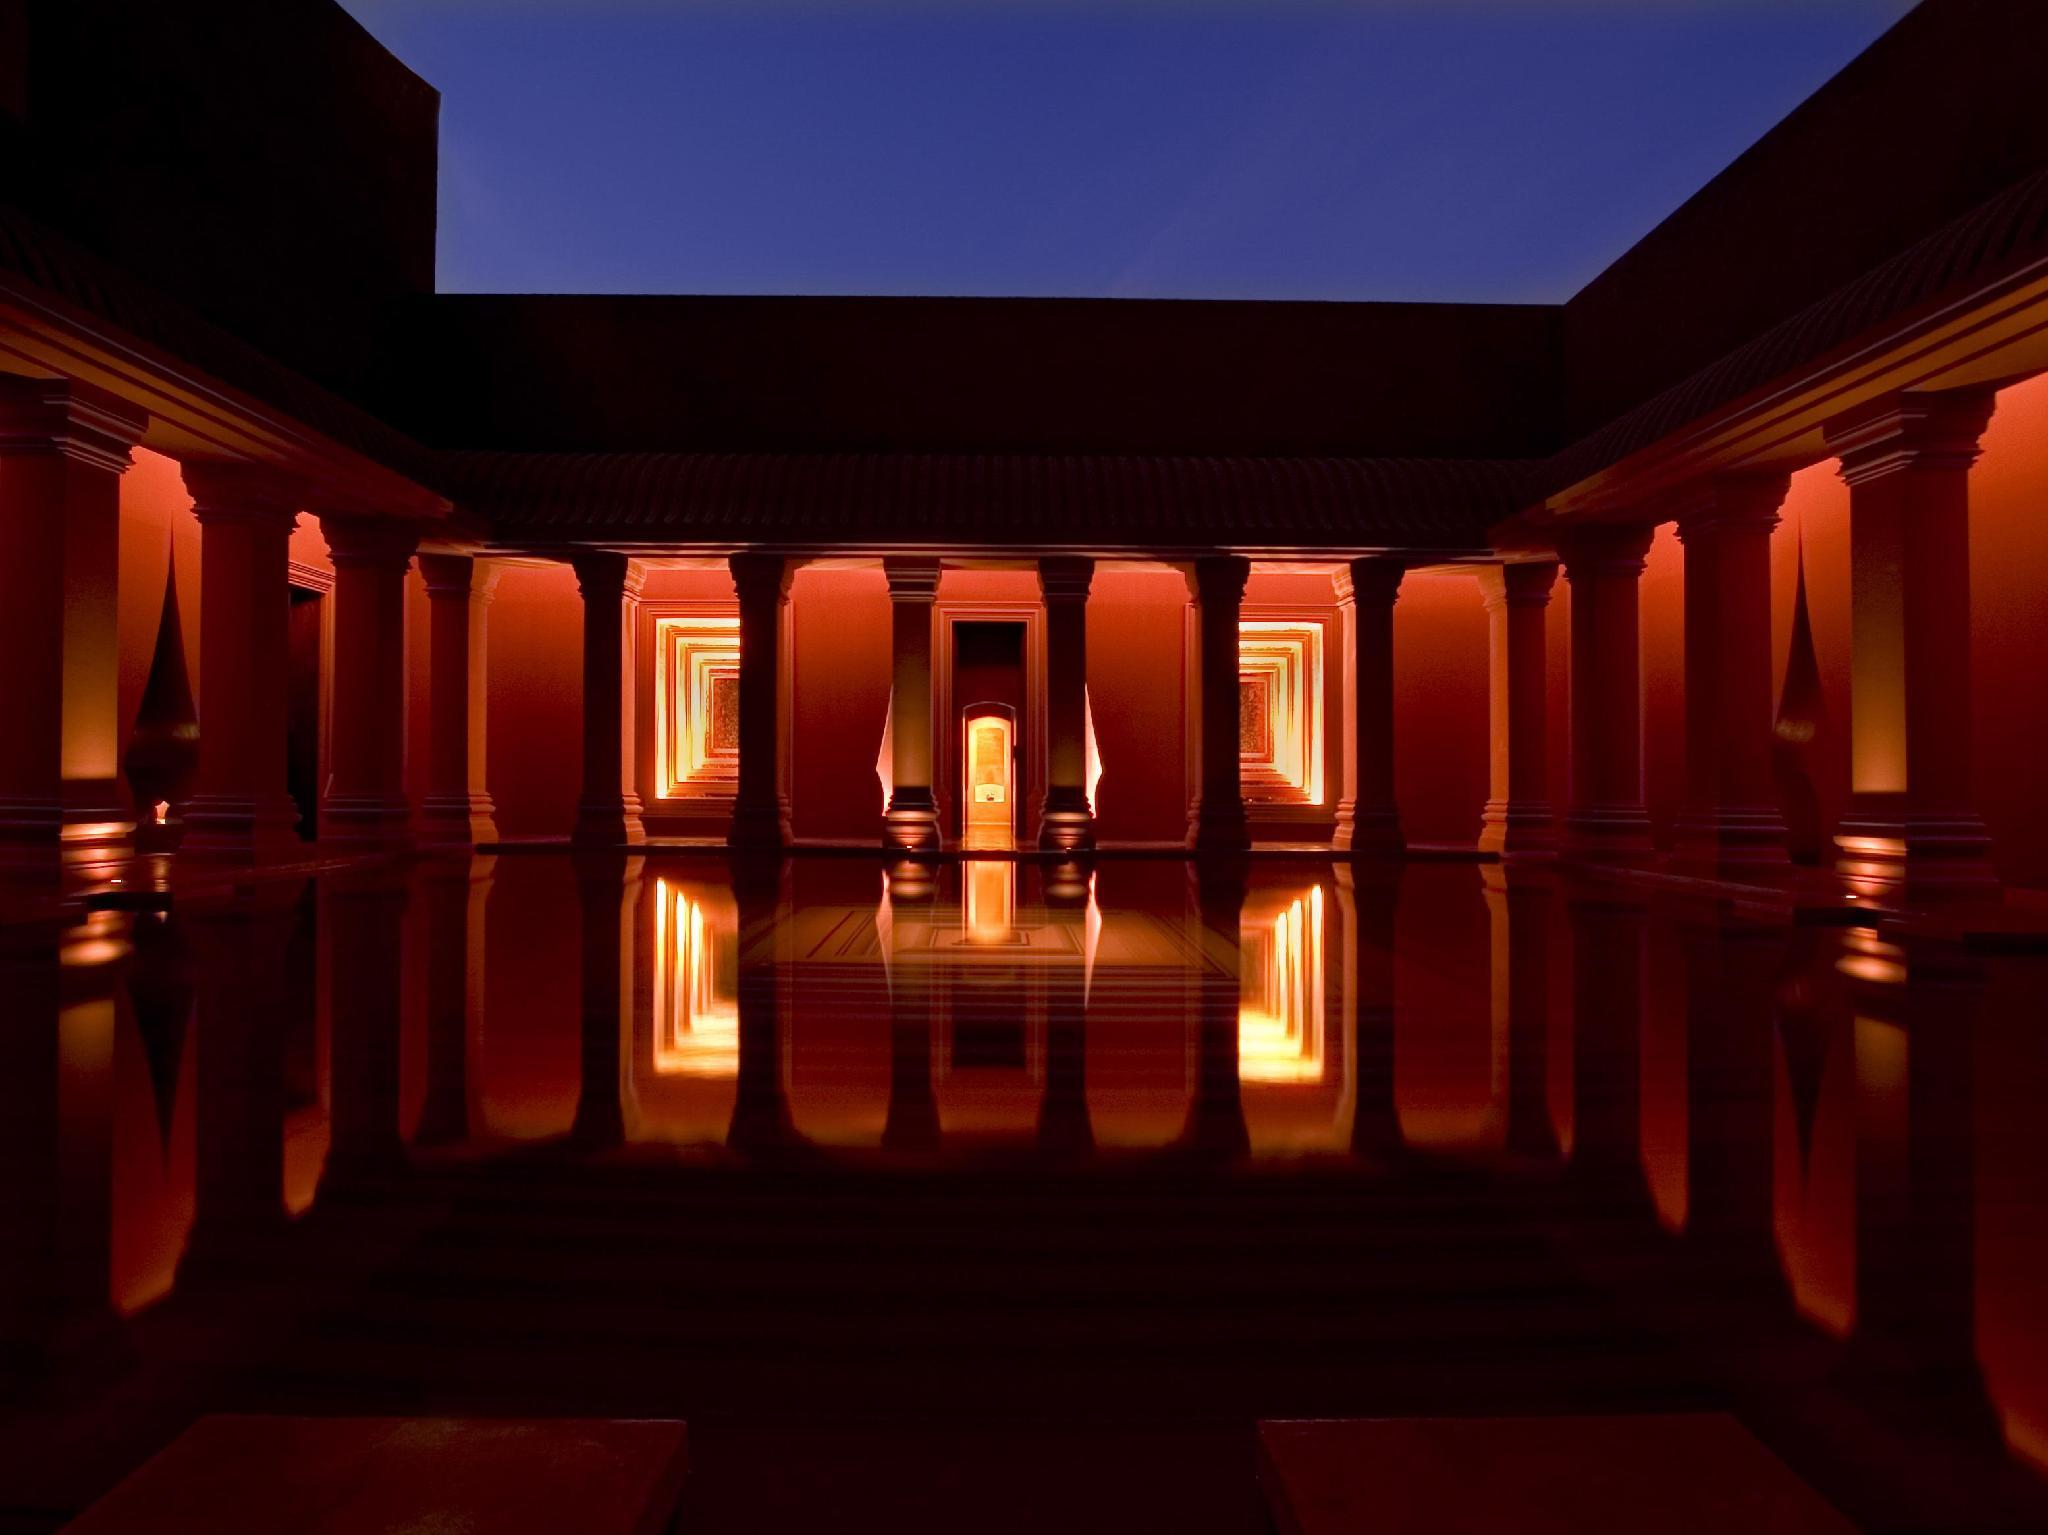 The Barai Suites & Spa at Hyatt Regency Hua Hin - Hua Hin